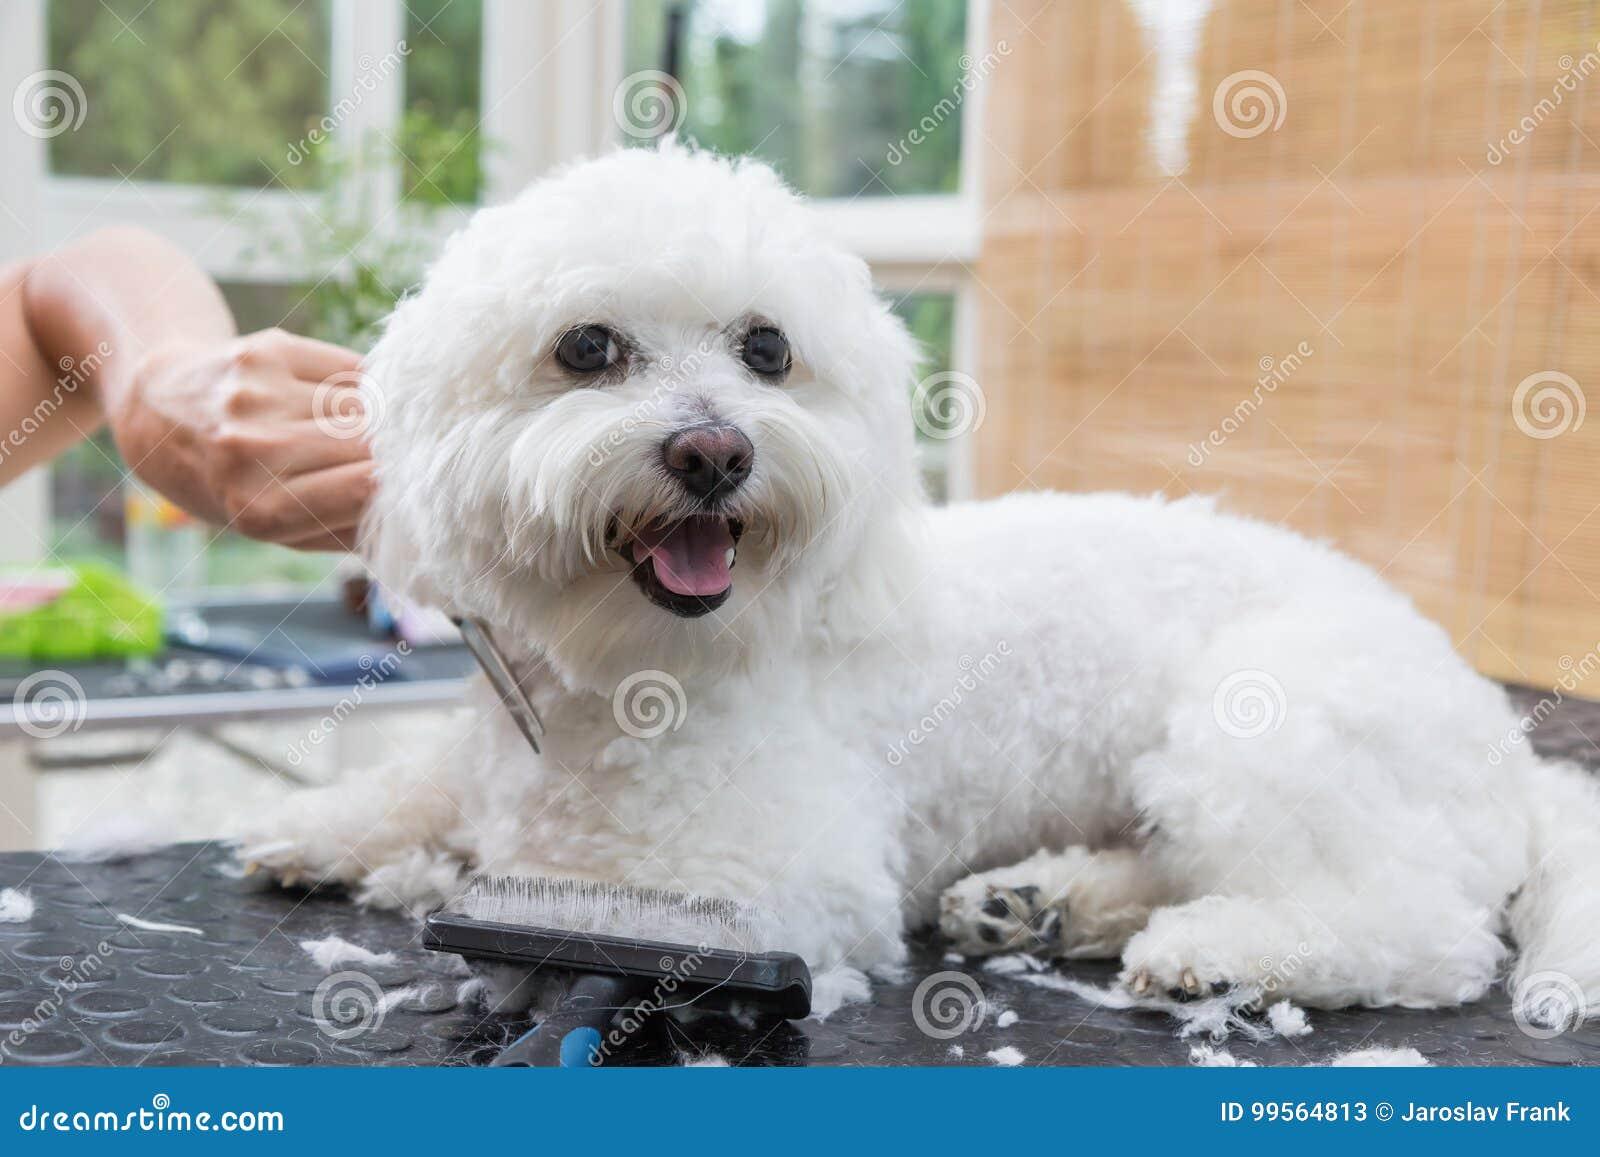 Το χαριτωμένο άσπρο από τη Μπολώνια σκυλί απολαμβάνει τον καλλωπισμό